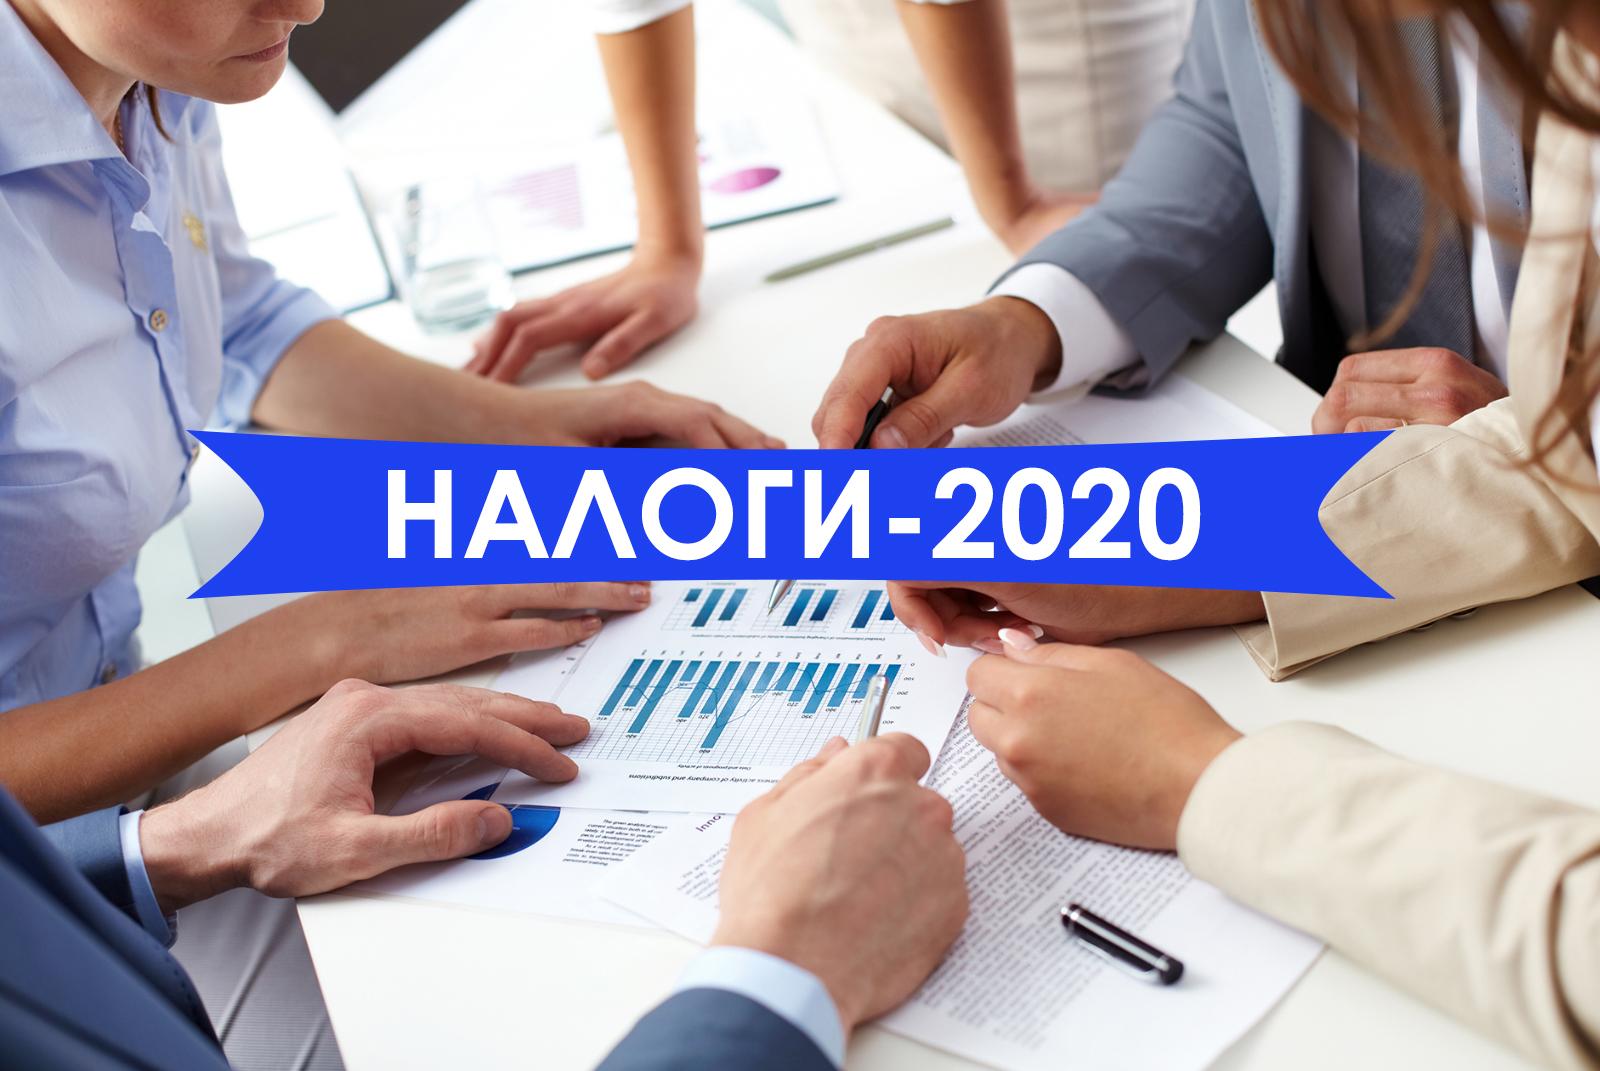 Иные изменения и дополнения, внесенные в налоговое законодательство